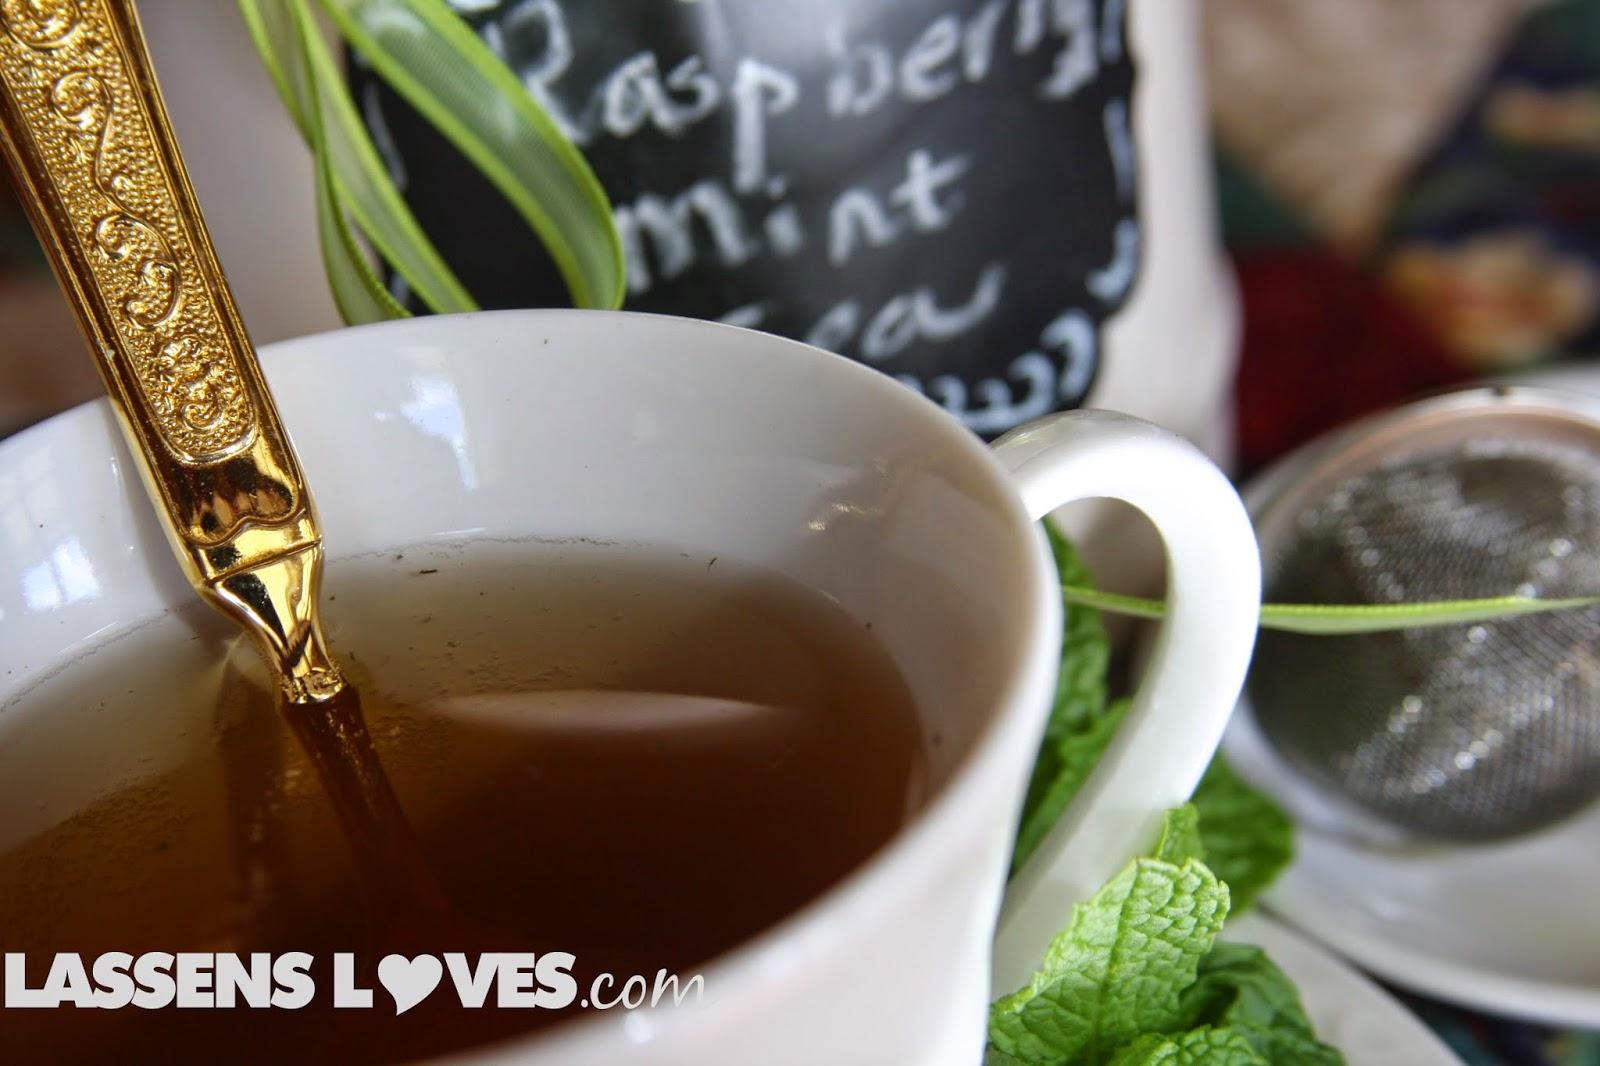 herbal+teas, DIY+herbal+teas, how+to+make+herbal+tea